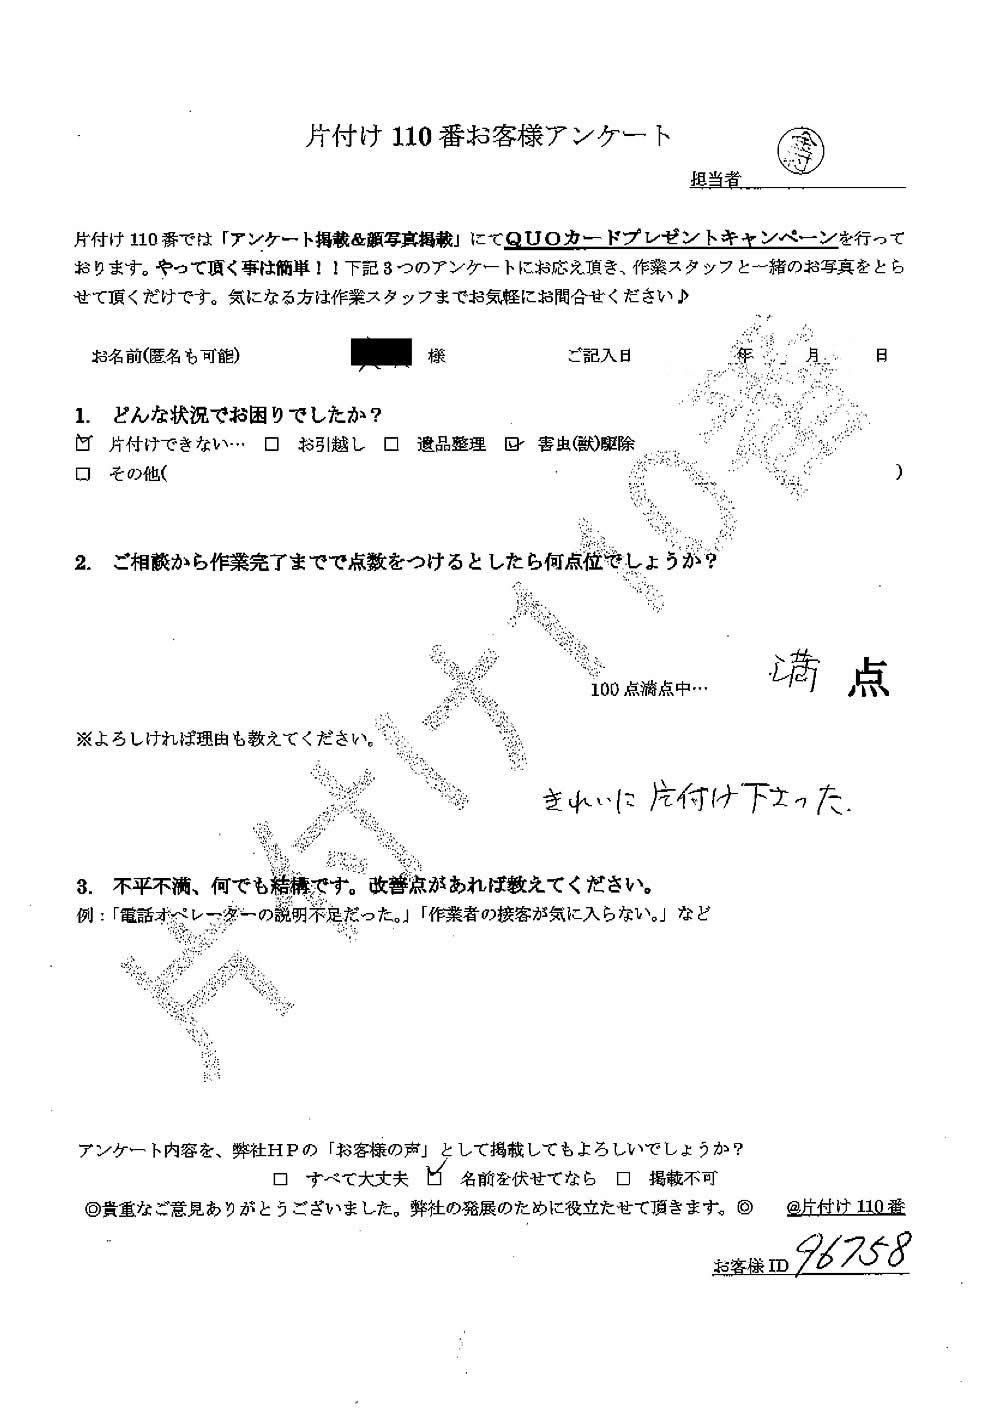 【和歌山市】ご実家のお仏壇回収のご依頼 お客様の声